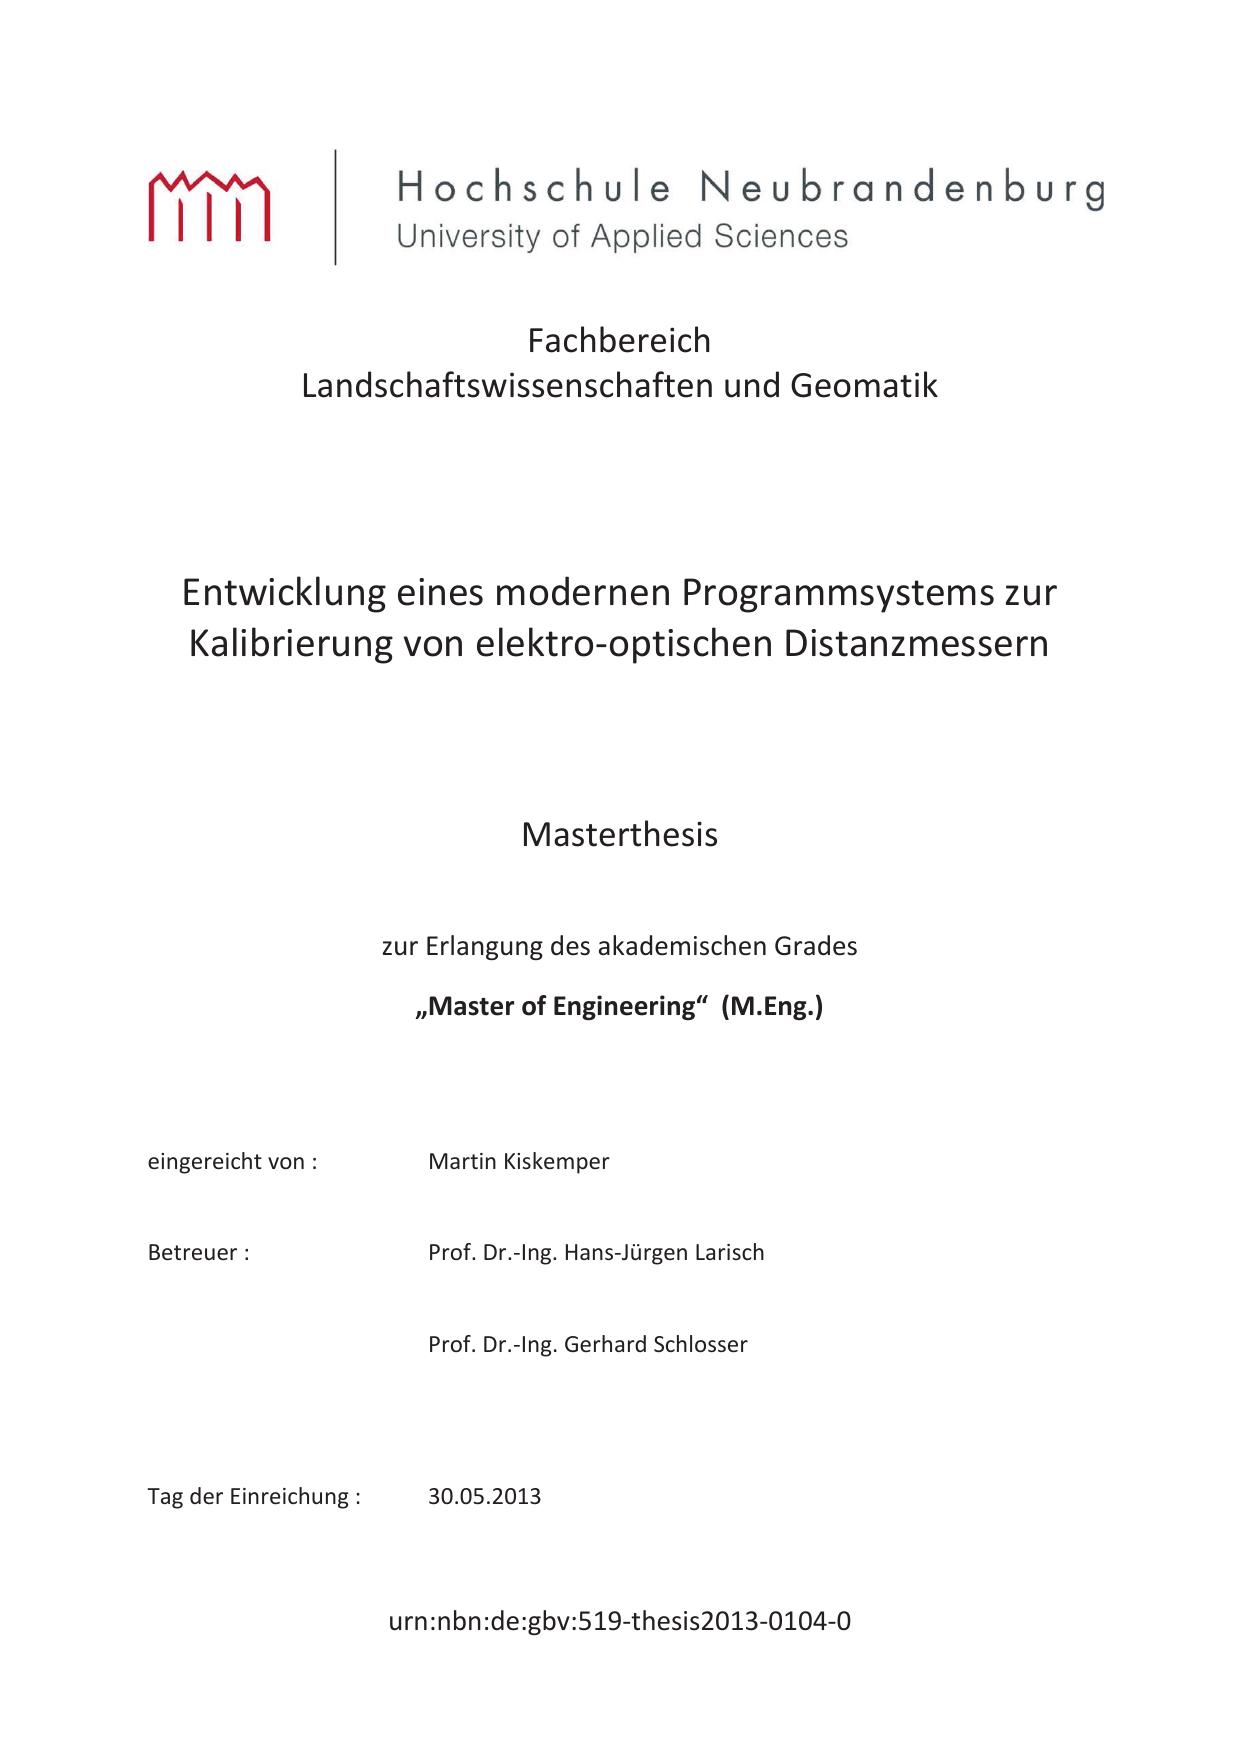 2 Grundlagen der elektro-optischen Entfernungsmessung   manualzz.com